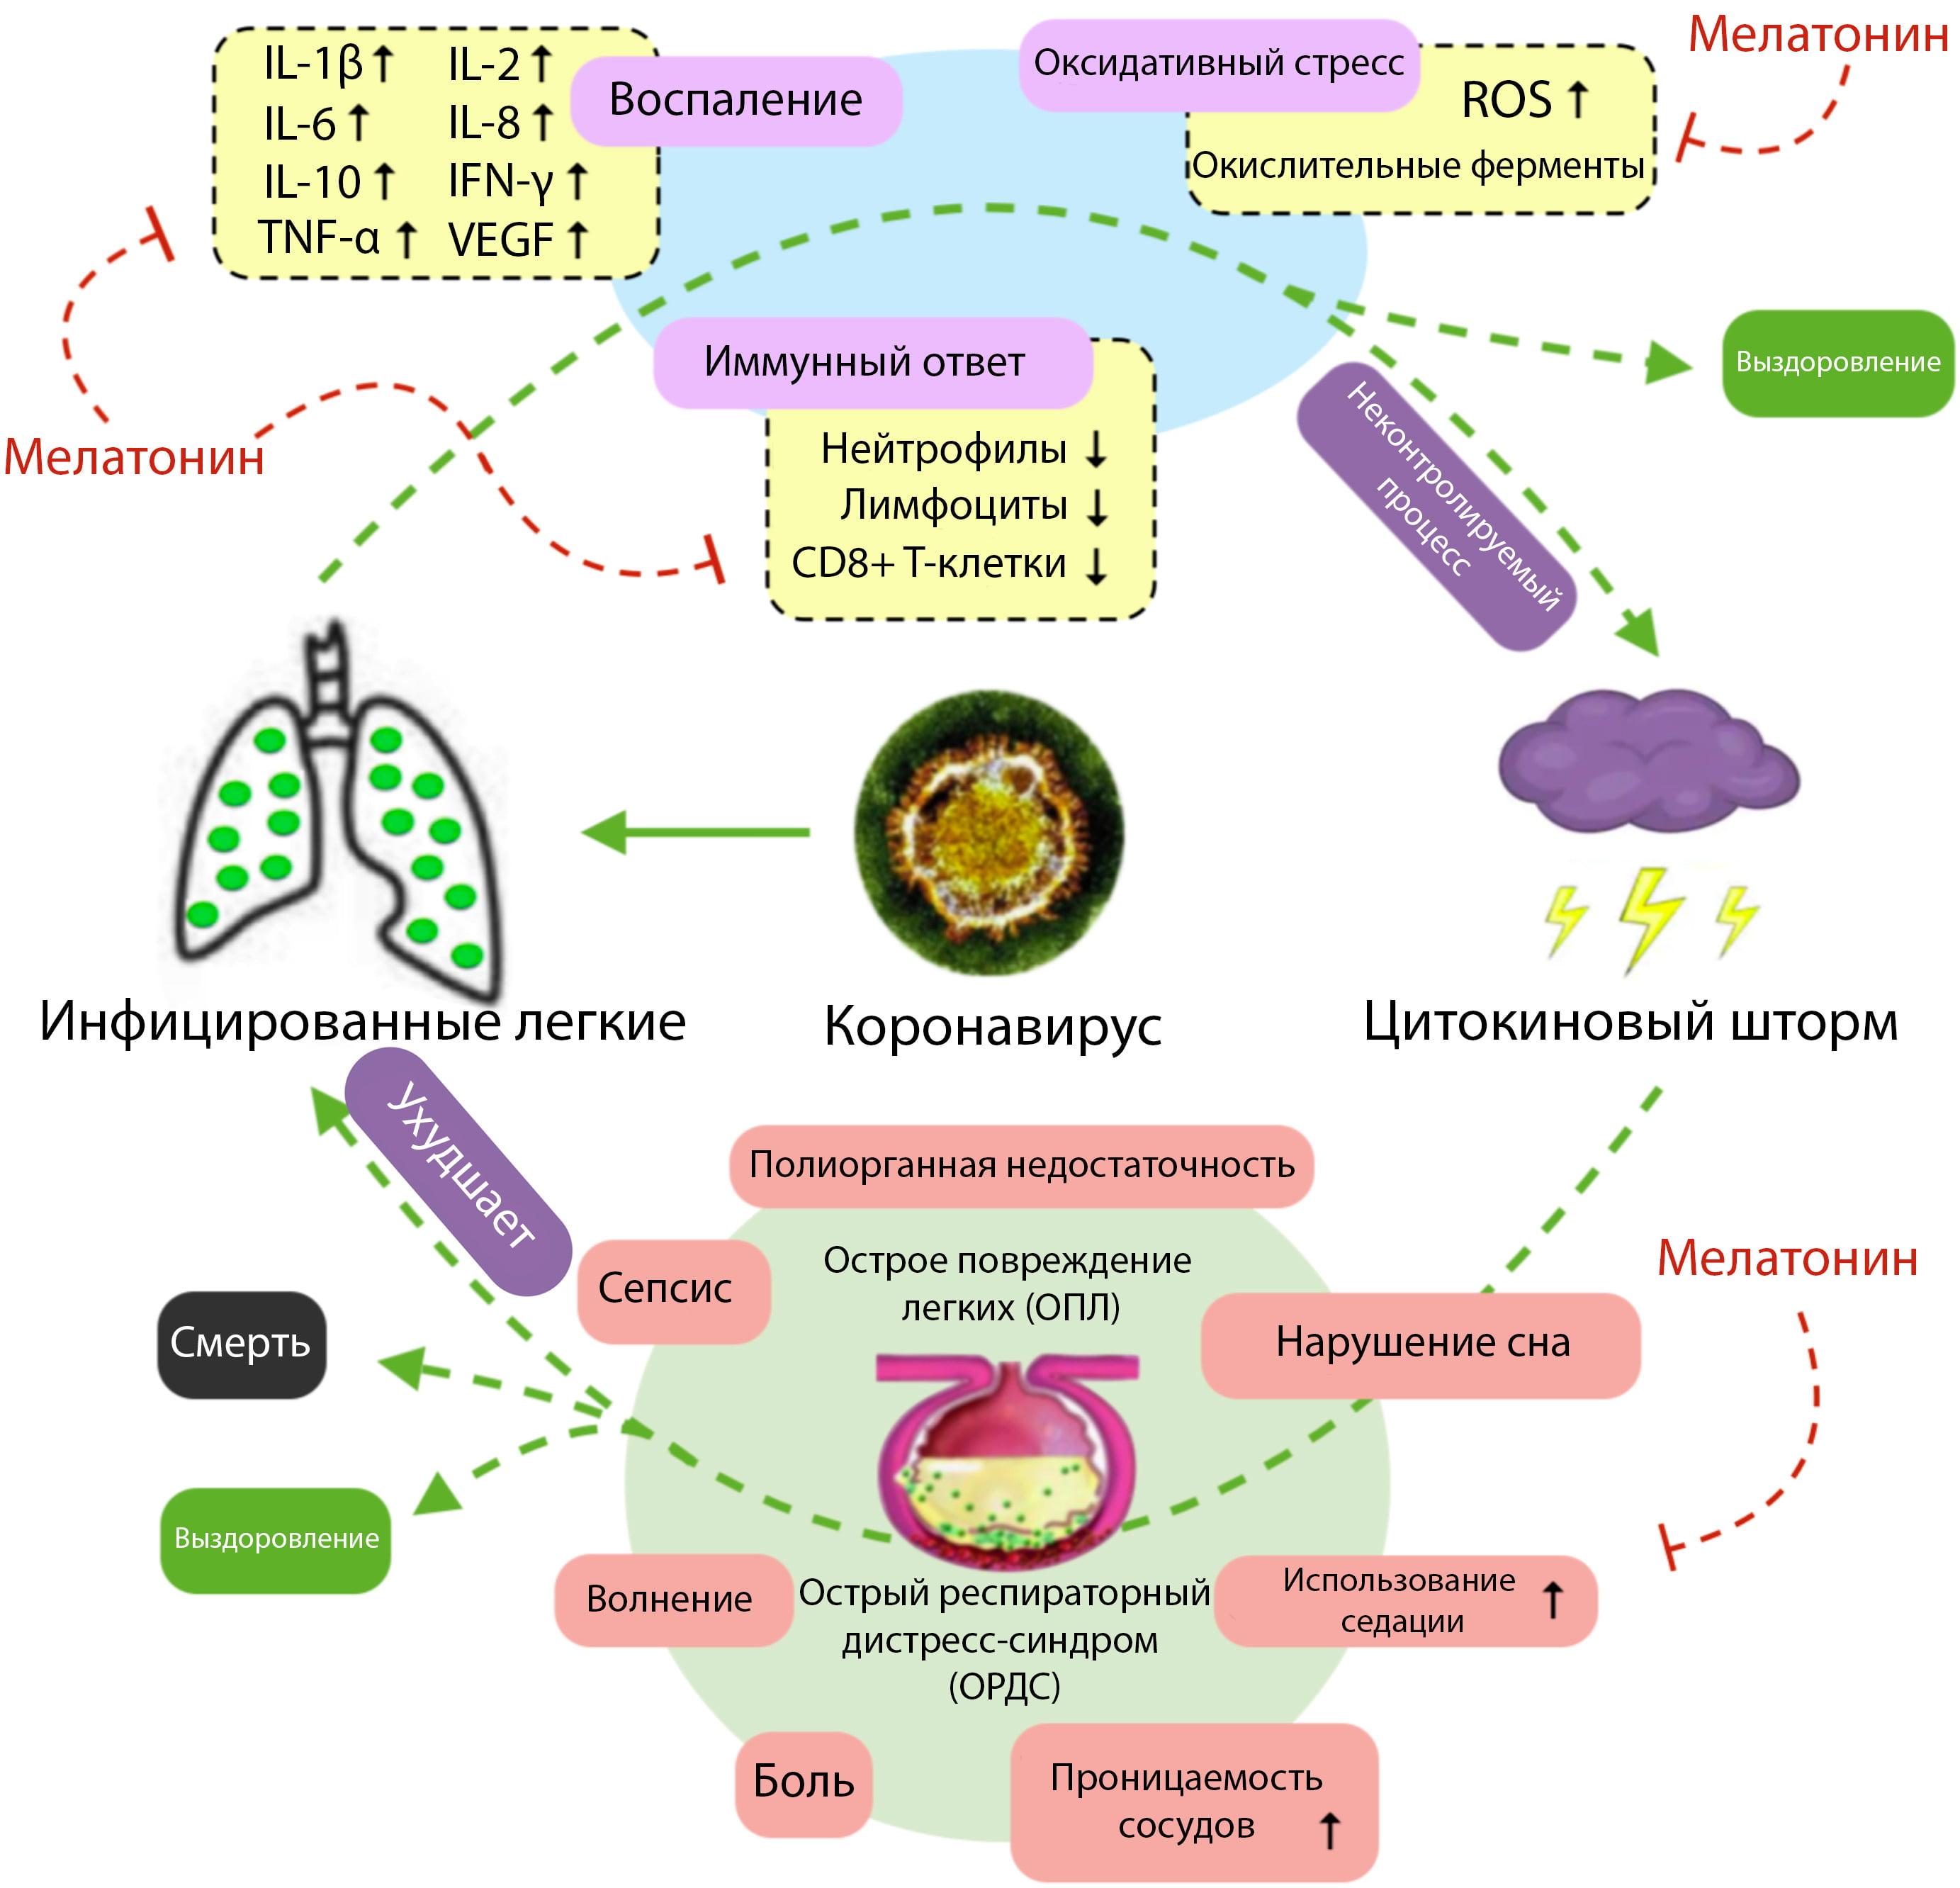 Рис.1. Патогенез COVID-19 и потенциальное адъювантное применение мелатонина